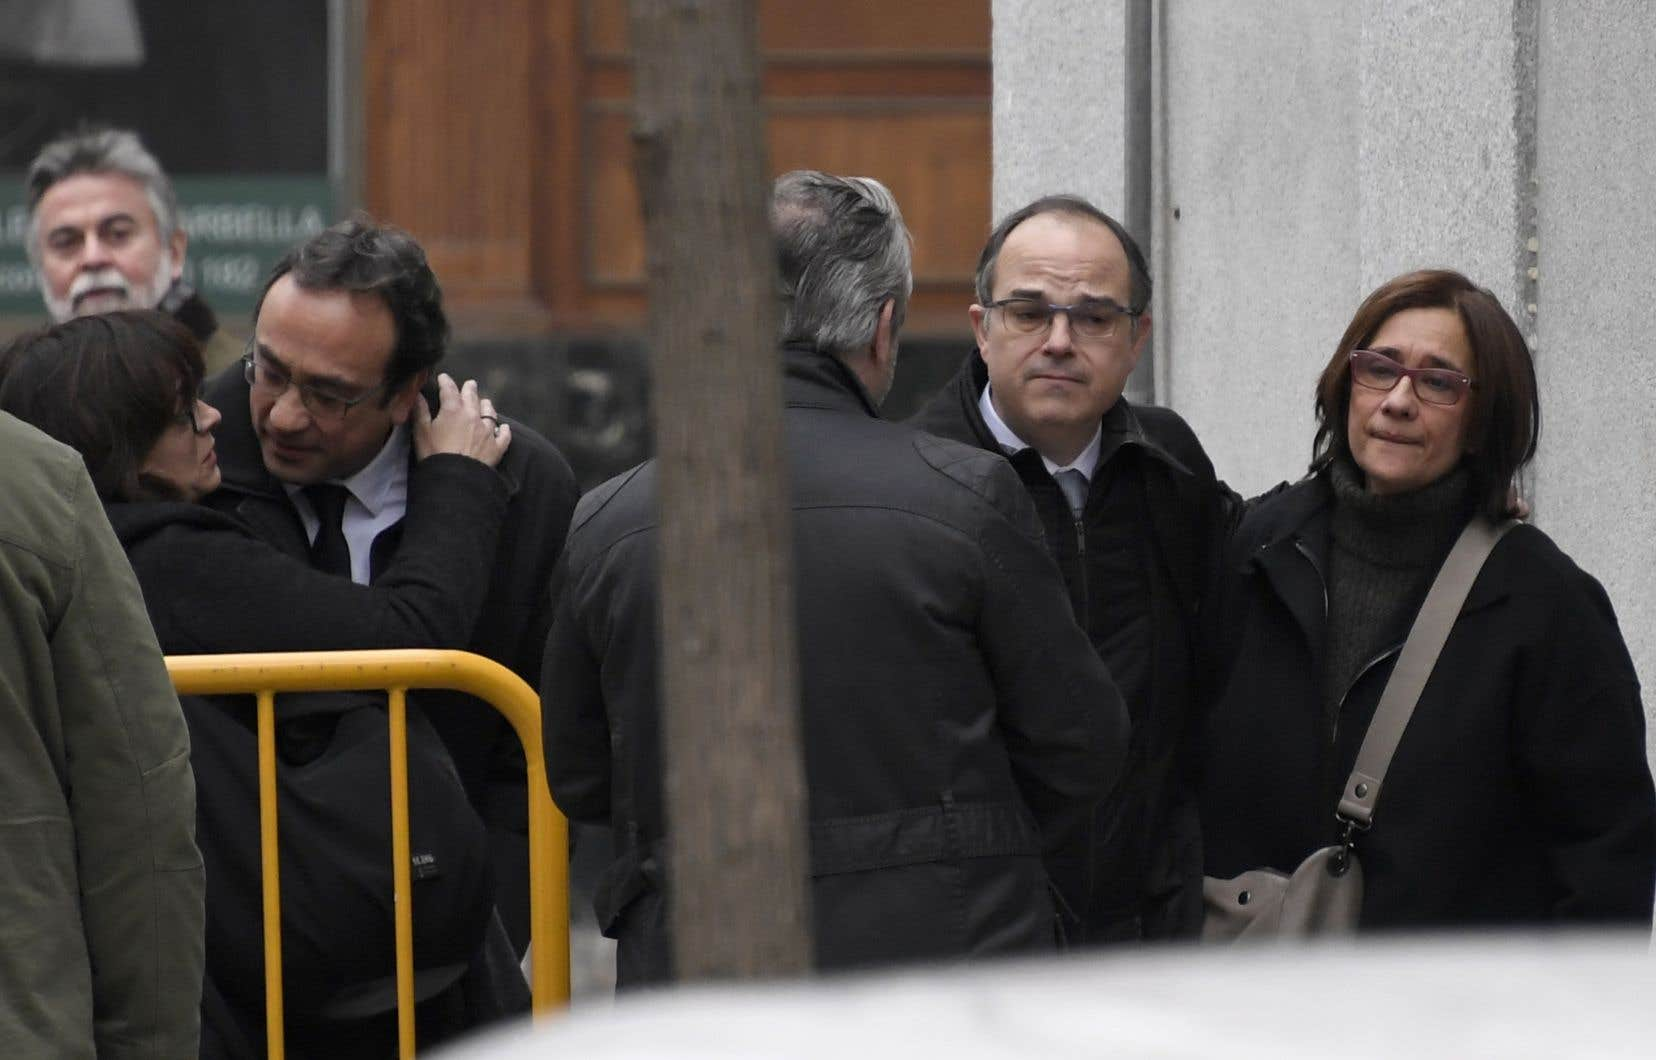 L'actuel candidat à la présidence de la Catalogne, Jordi Turull (deuxième à droite), fait partie du lot.